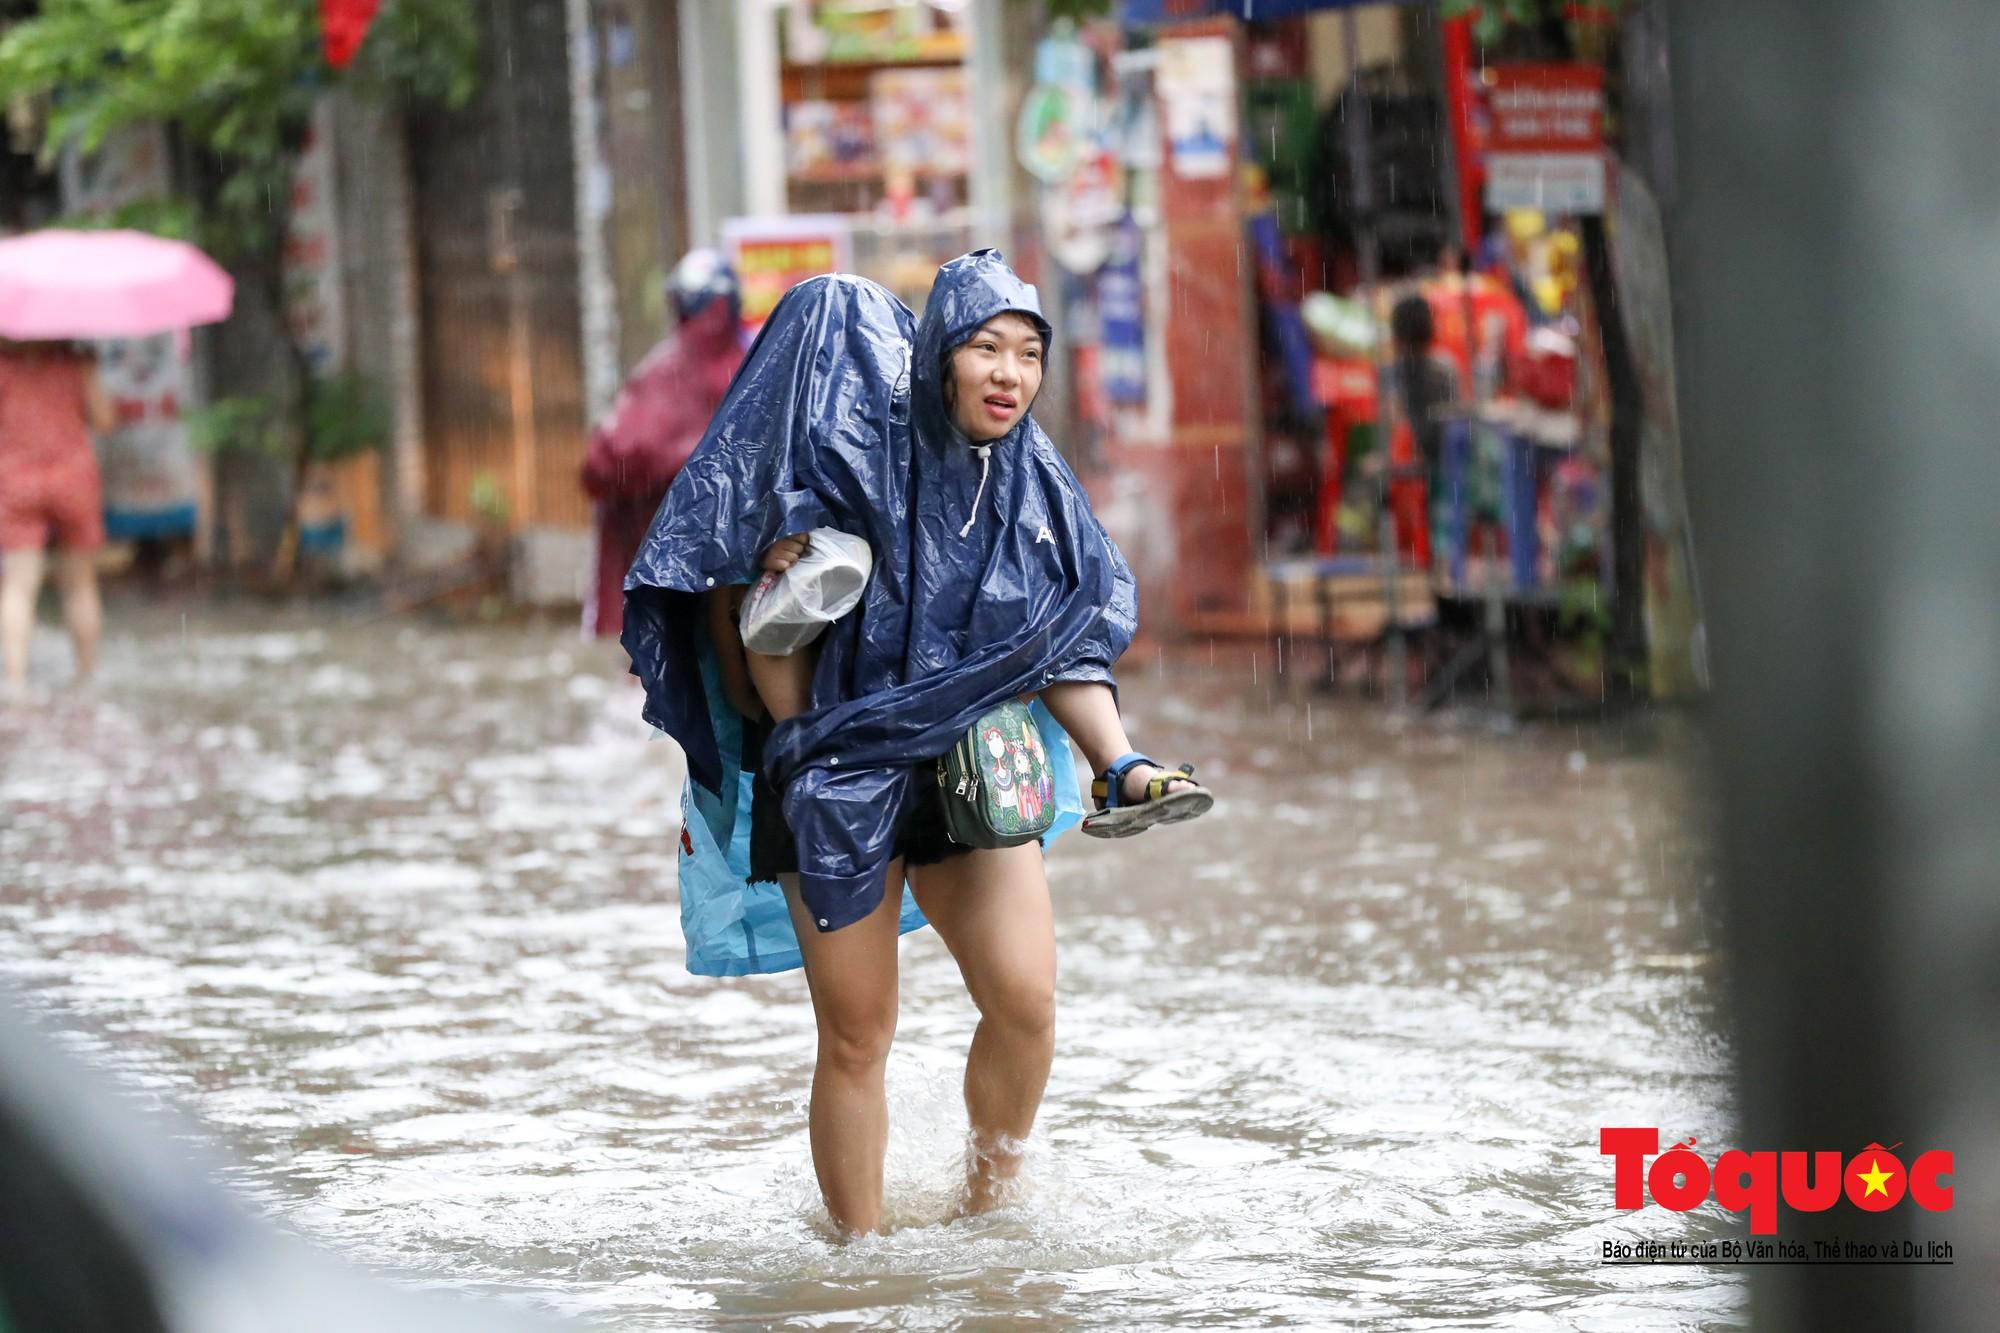 Hình ảnh xưa nay hiếm ở Thủ đô Hà Nội  cha mẹ cõng con vượt sông trong phố đến trường5